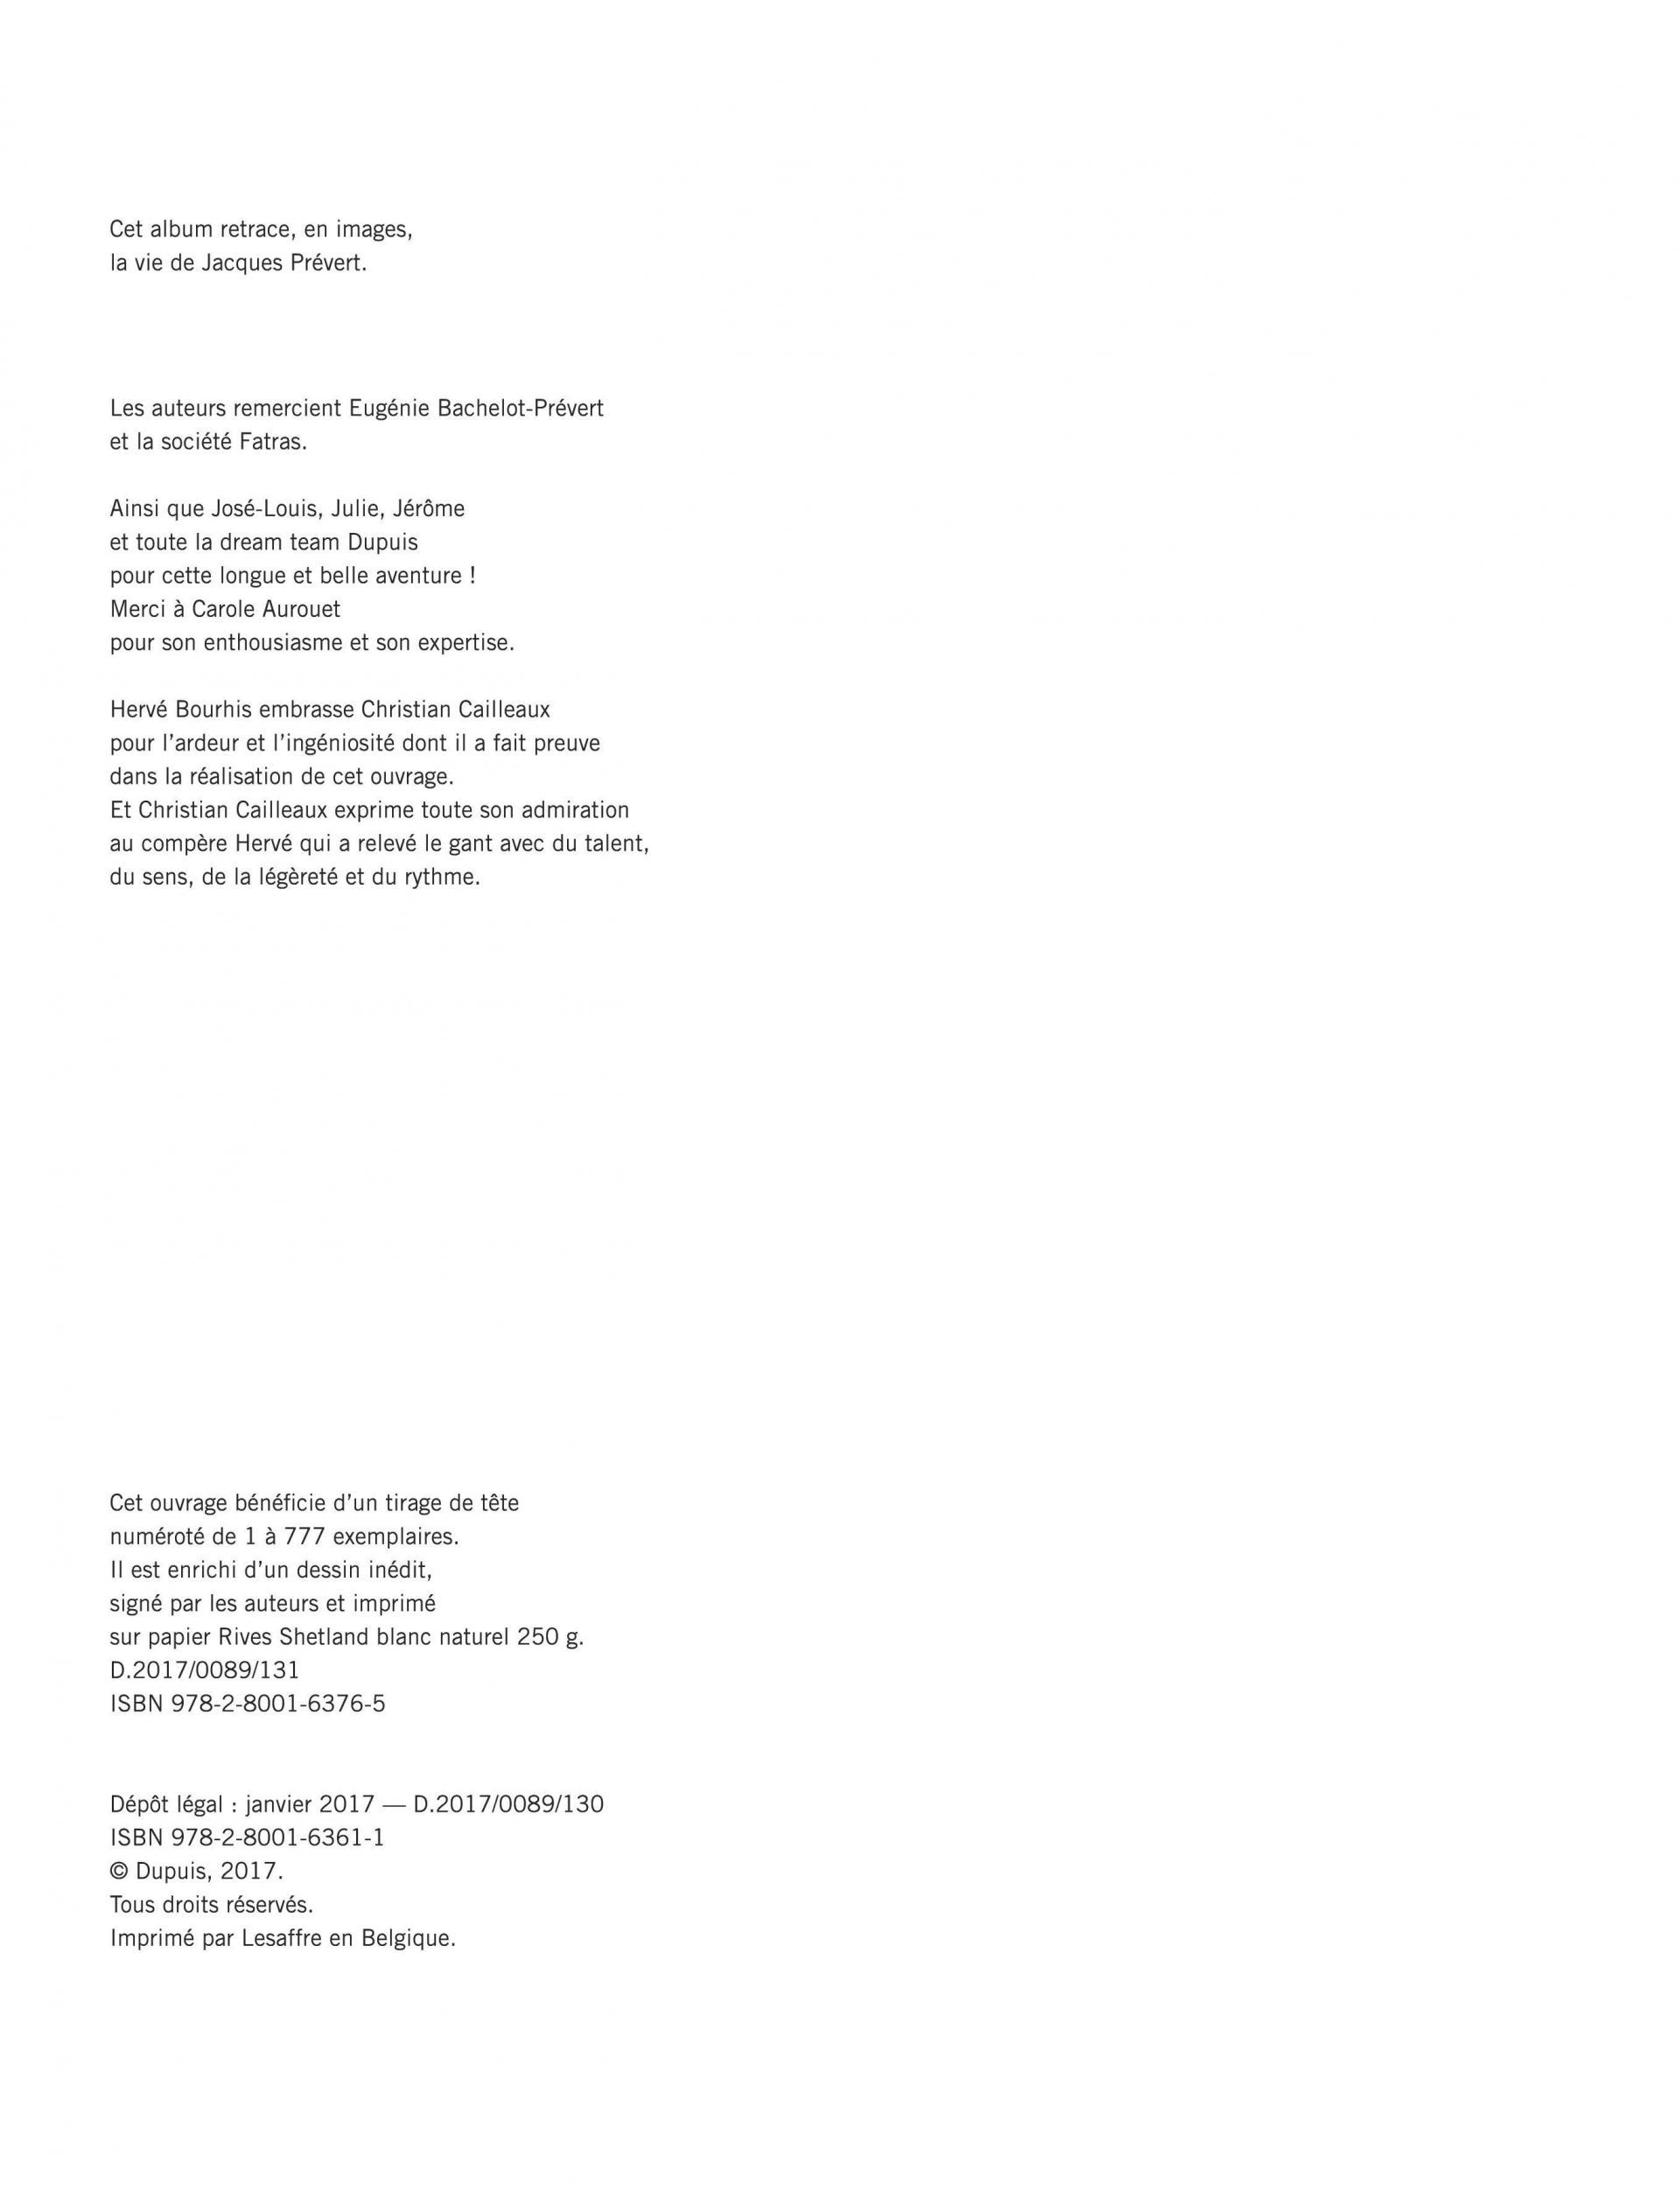 Jacques Prévert N'est Pas Un Poète, Bd Et Tomes Sur Zoo dedans Poeme De Jacque Prevert